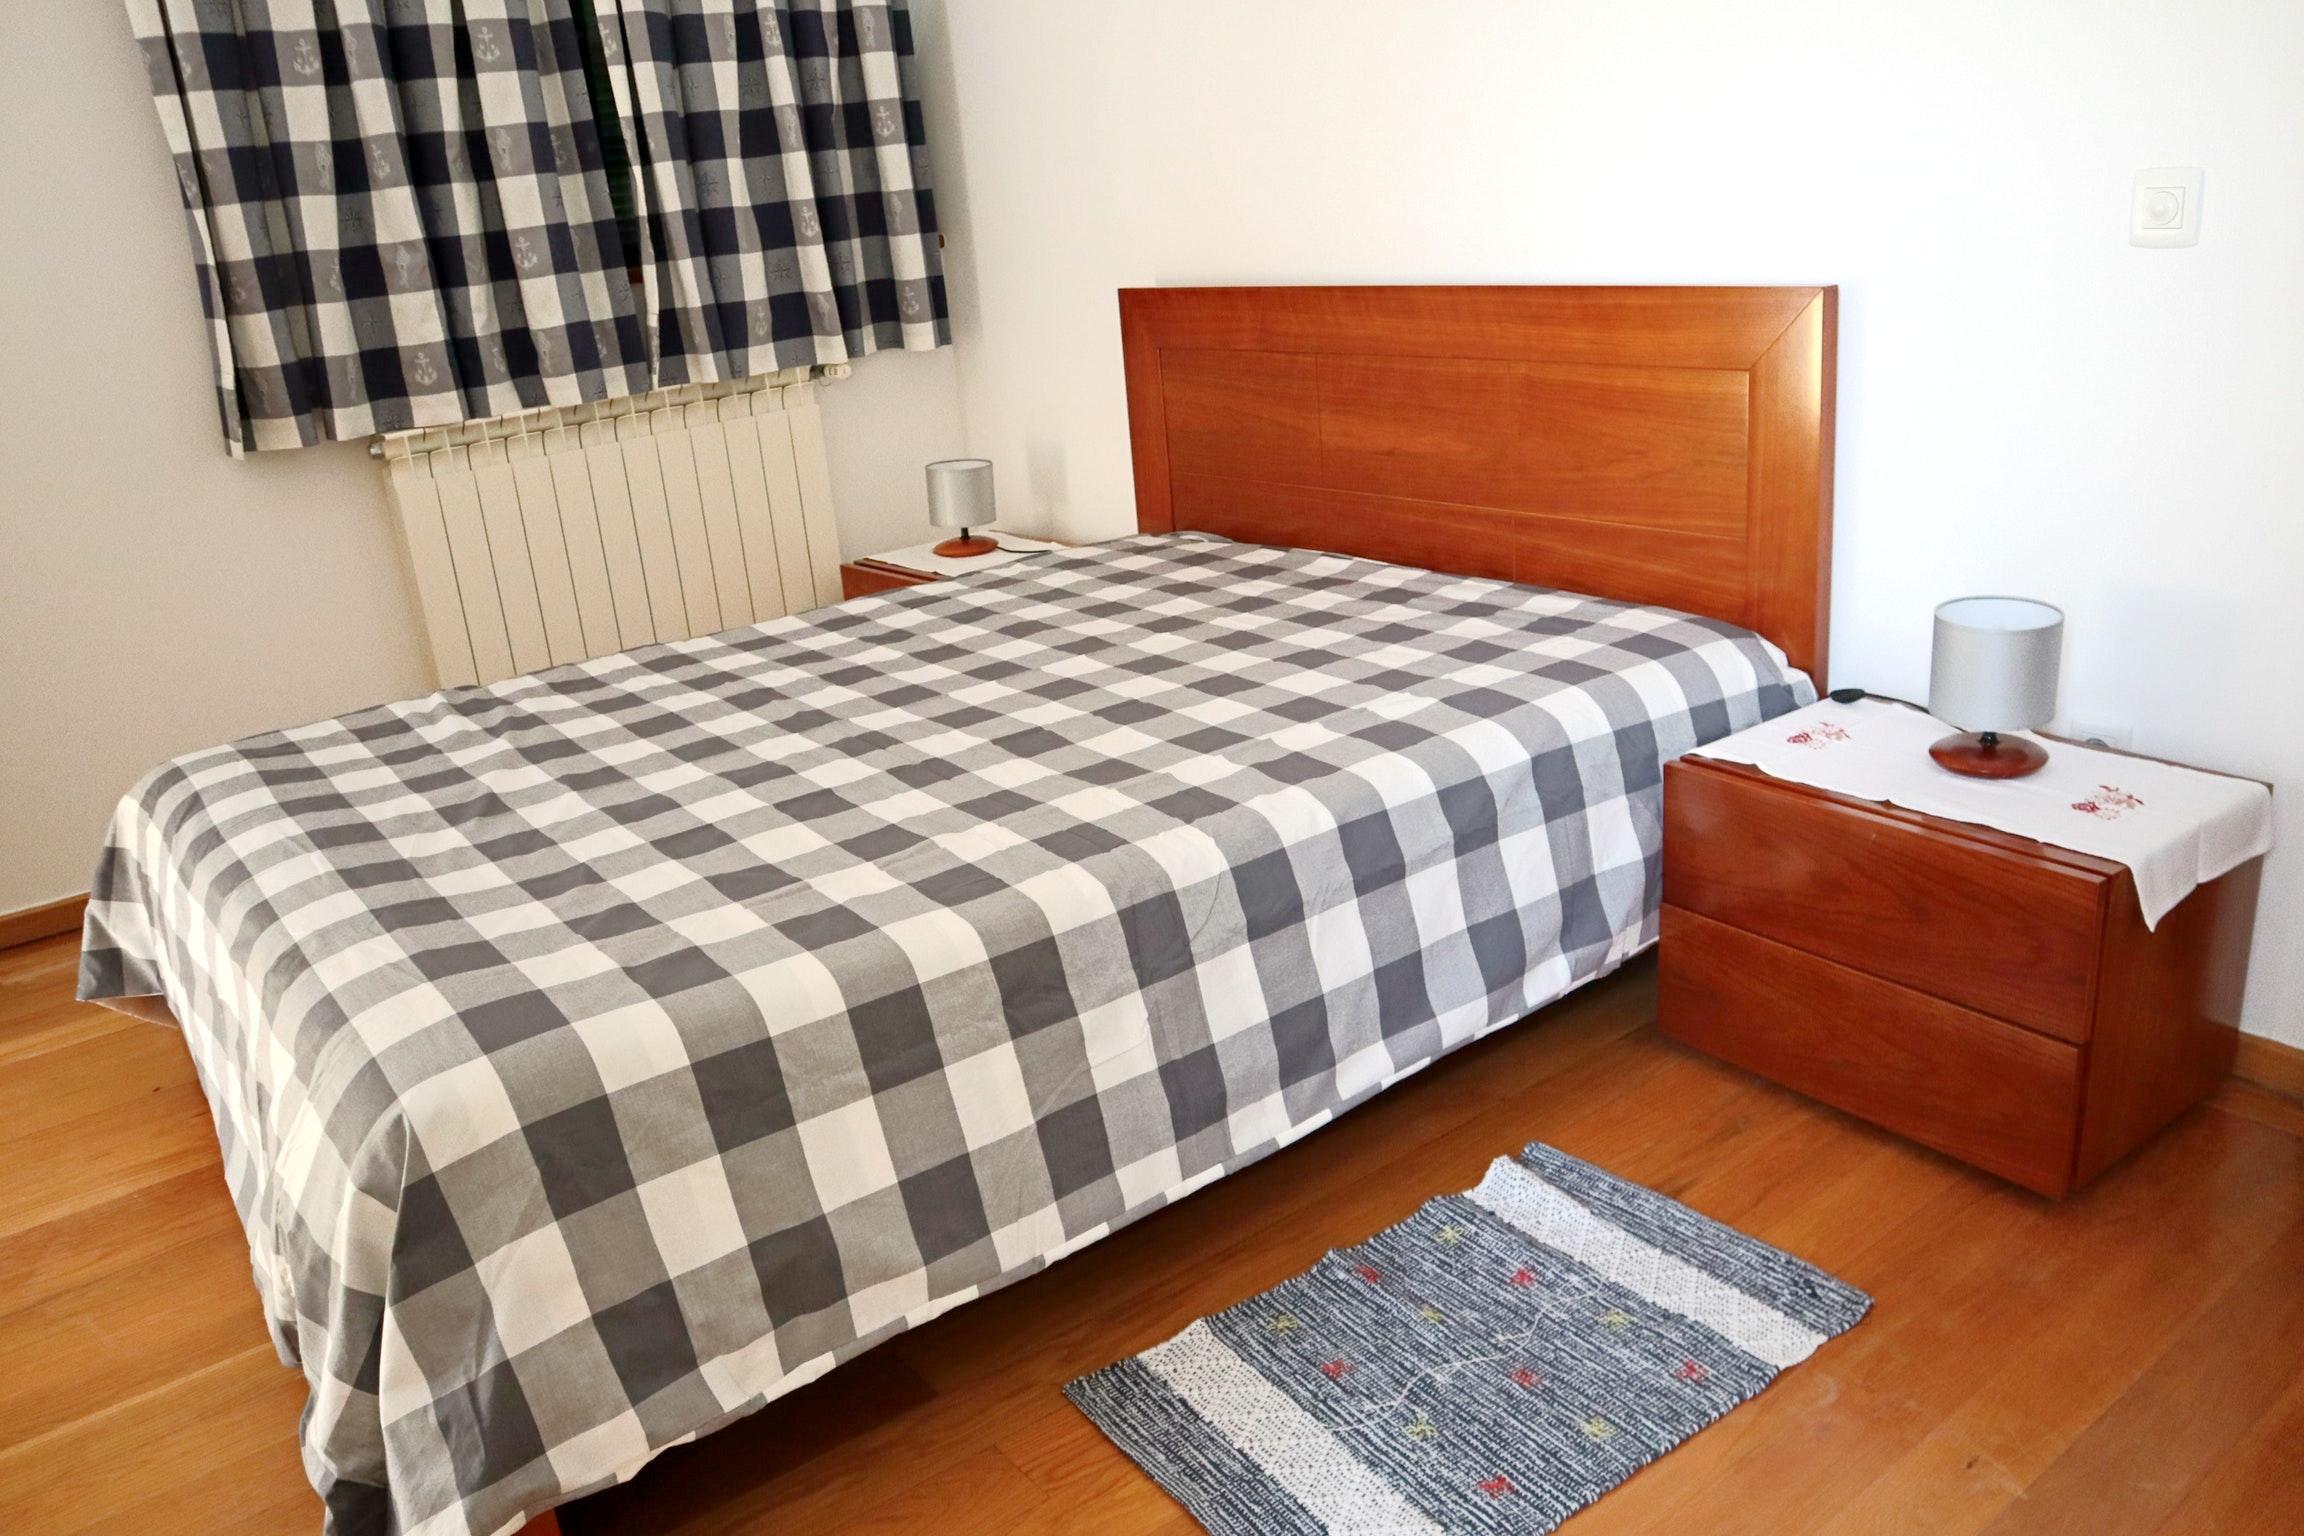 Ferienhaus Villa mit 4 Schlafzimmern in Praia de Mira mit privatem Pool, eingezäuntem Garten und W-LA (2623071), Praia de Mira, Costa de Prata, Zentral-Portugal, Portugal, Bild 32